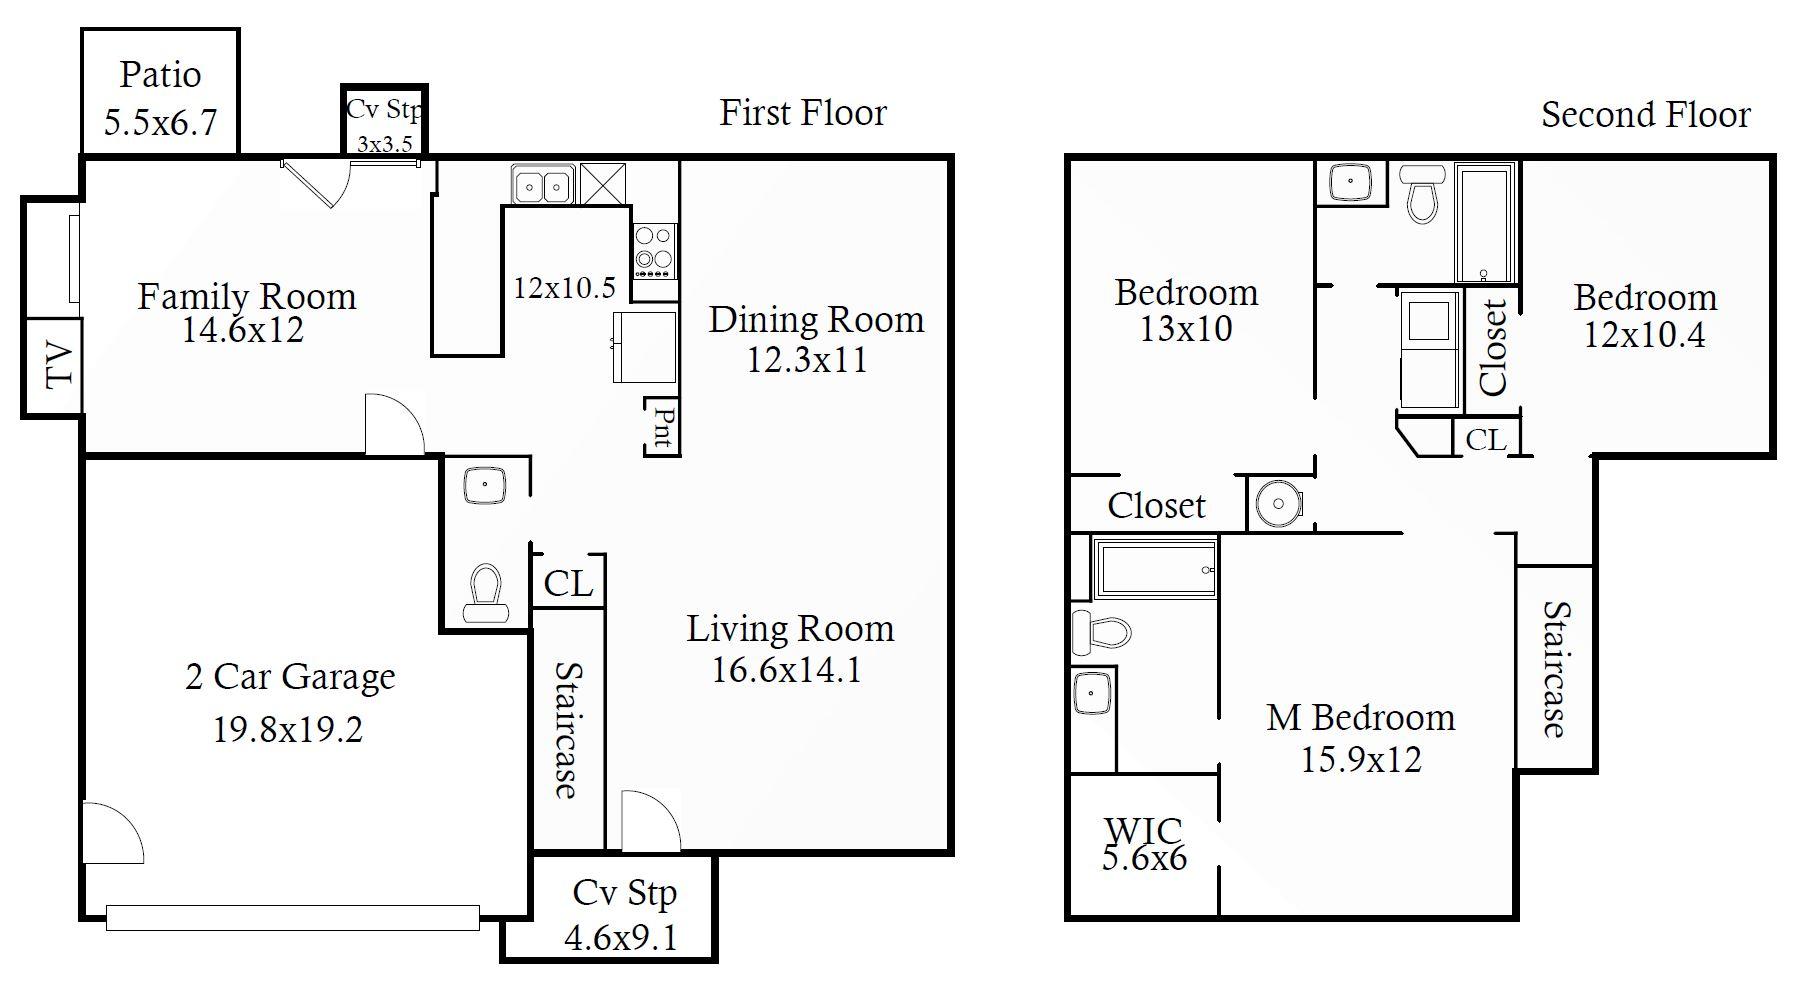 1305 Pebble Creek Xing Floor Plan Image.JPG